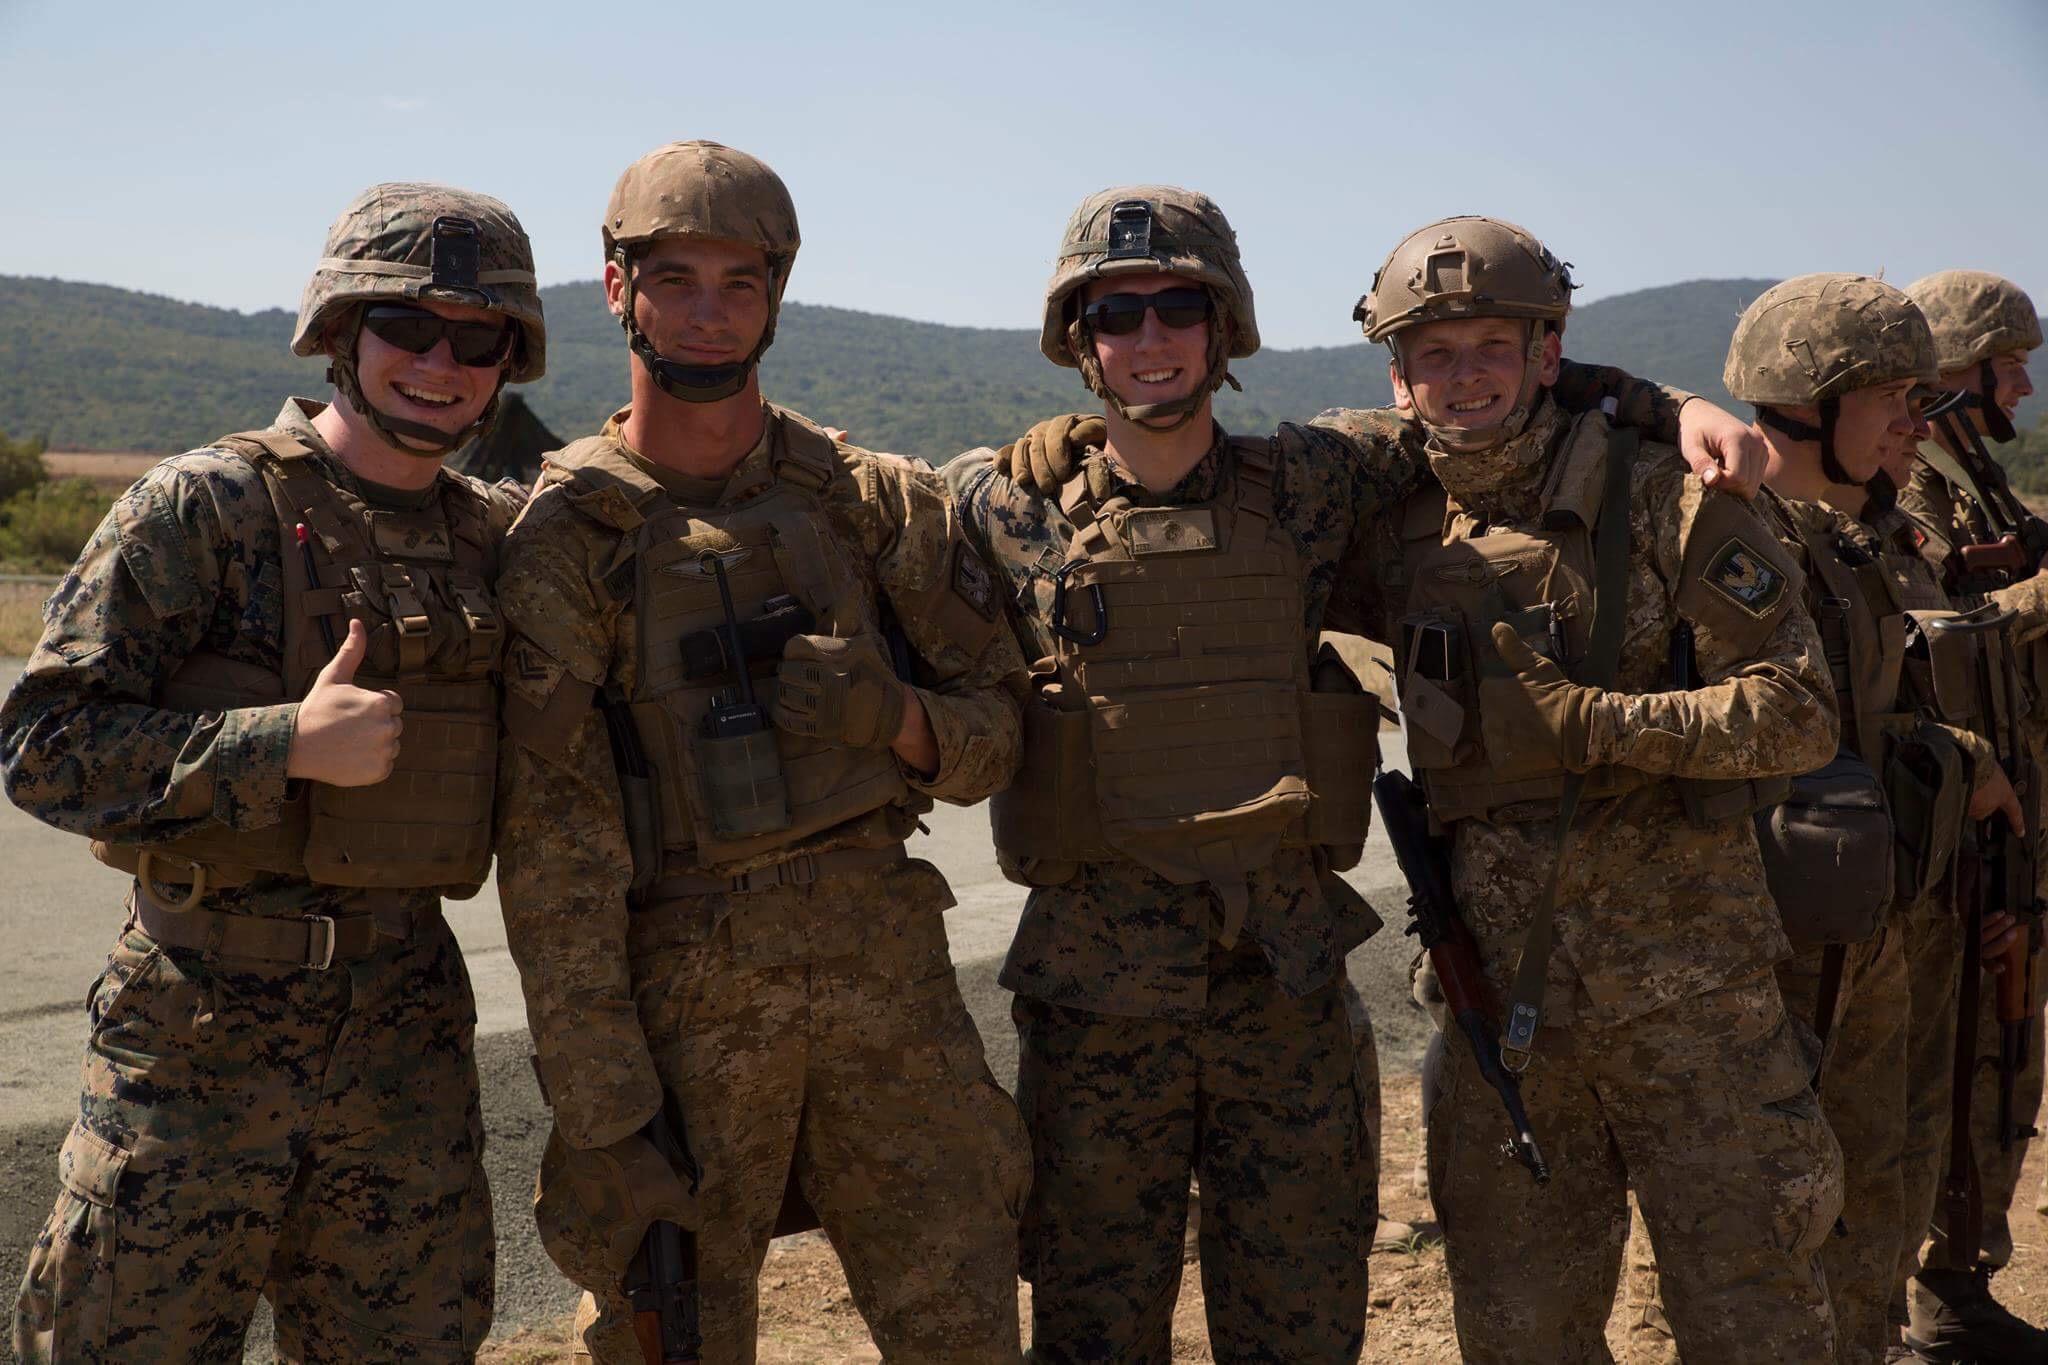 чего фото военных в морской американской форме юбка